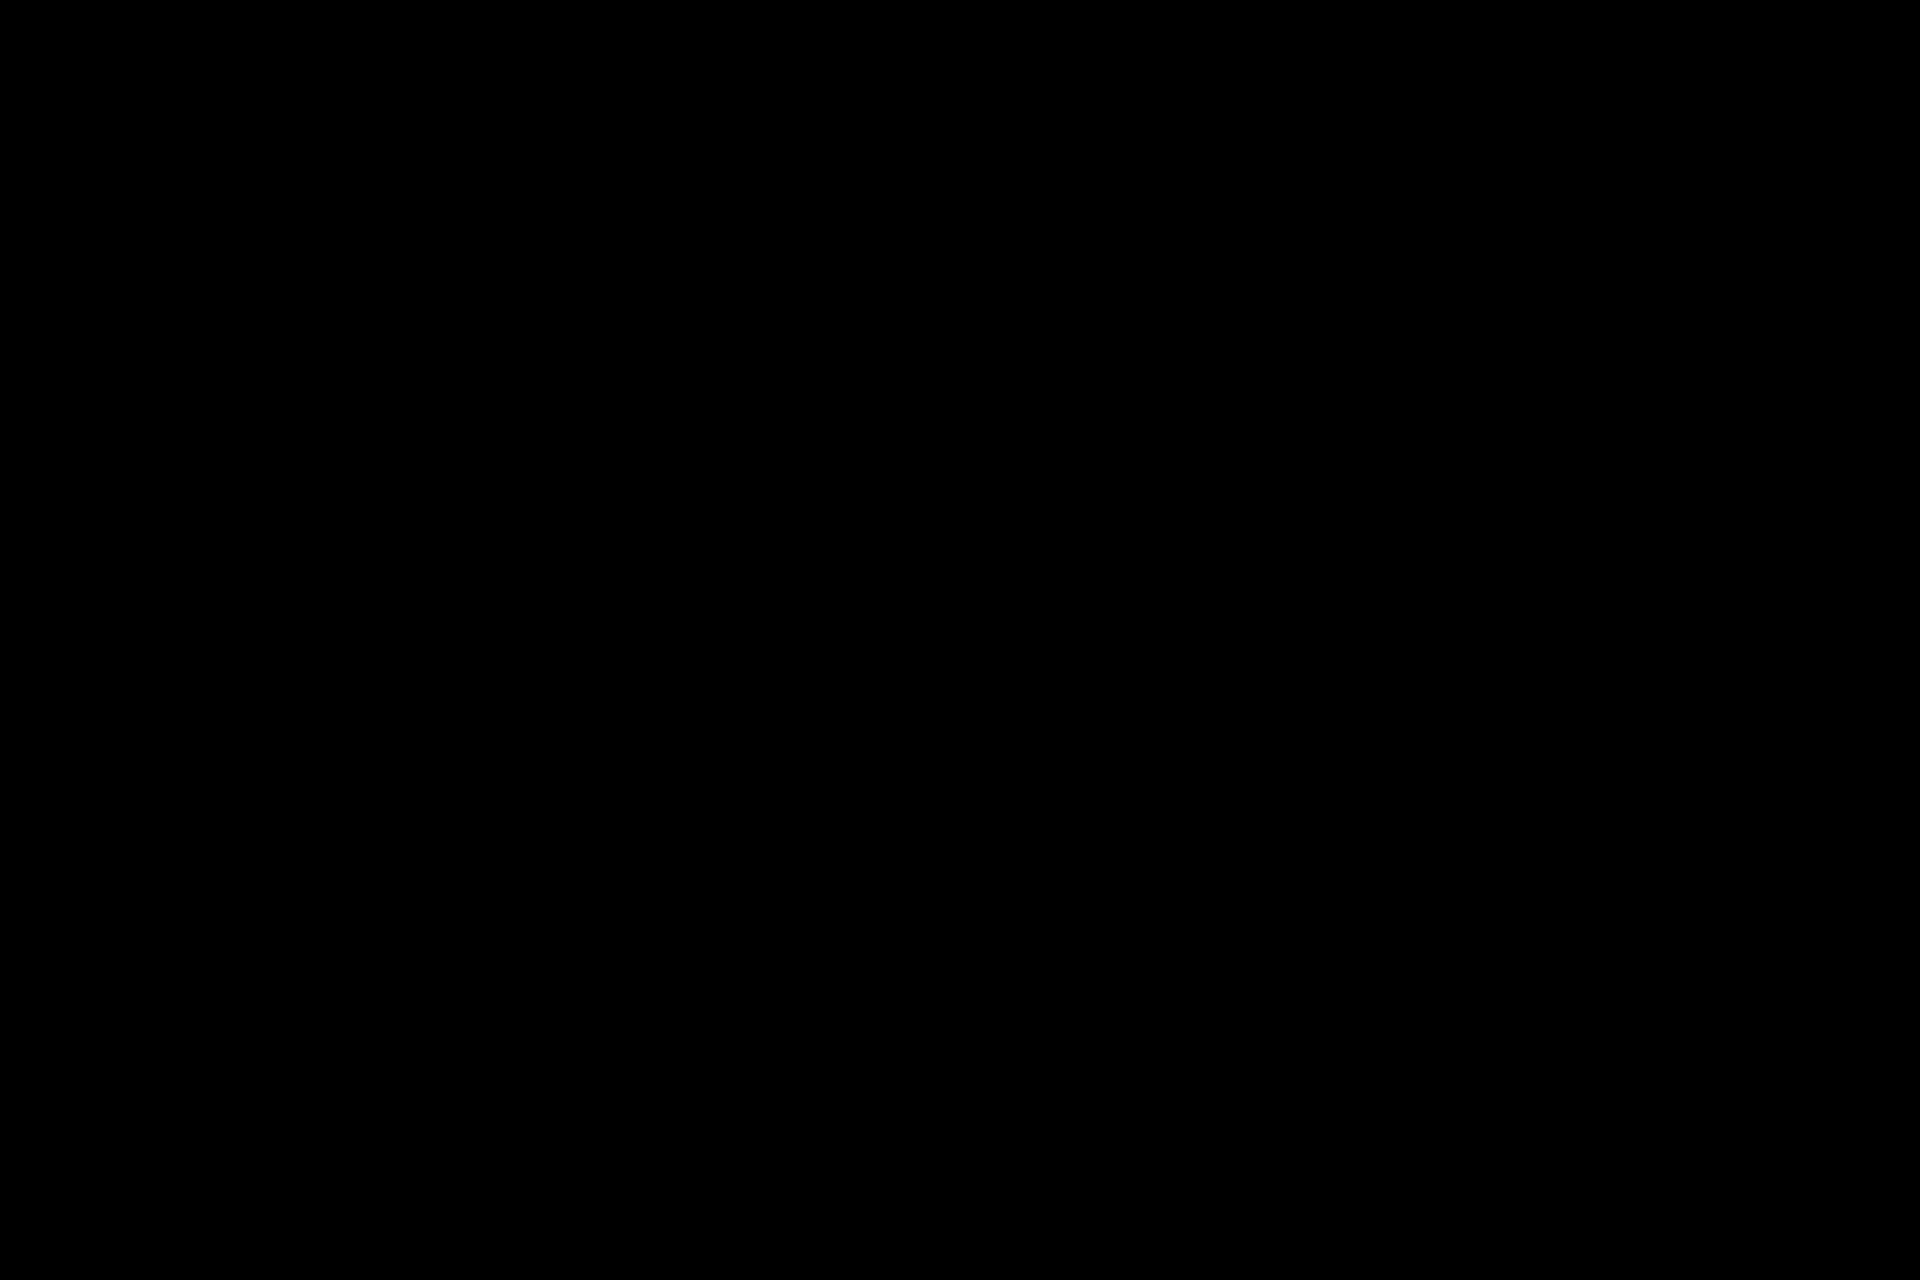 DSCF5377